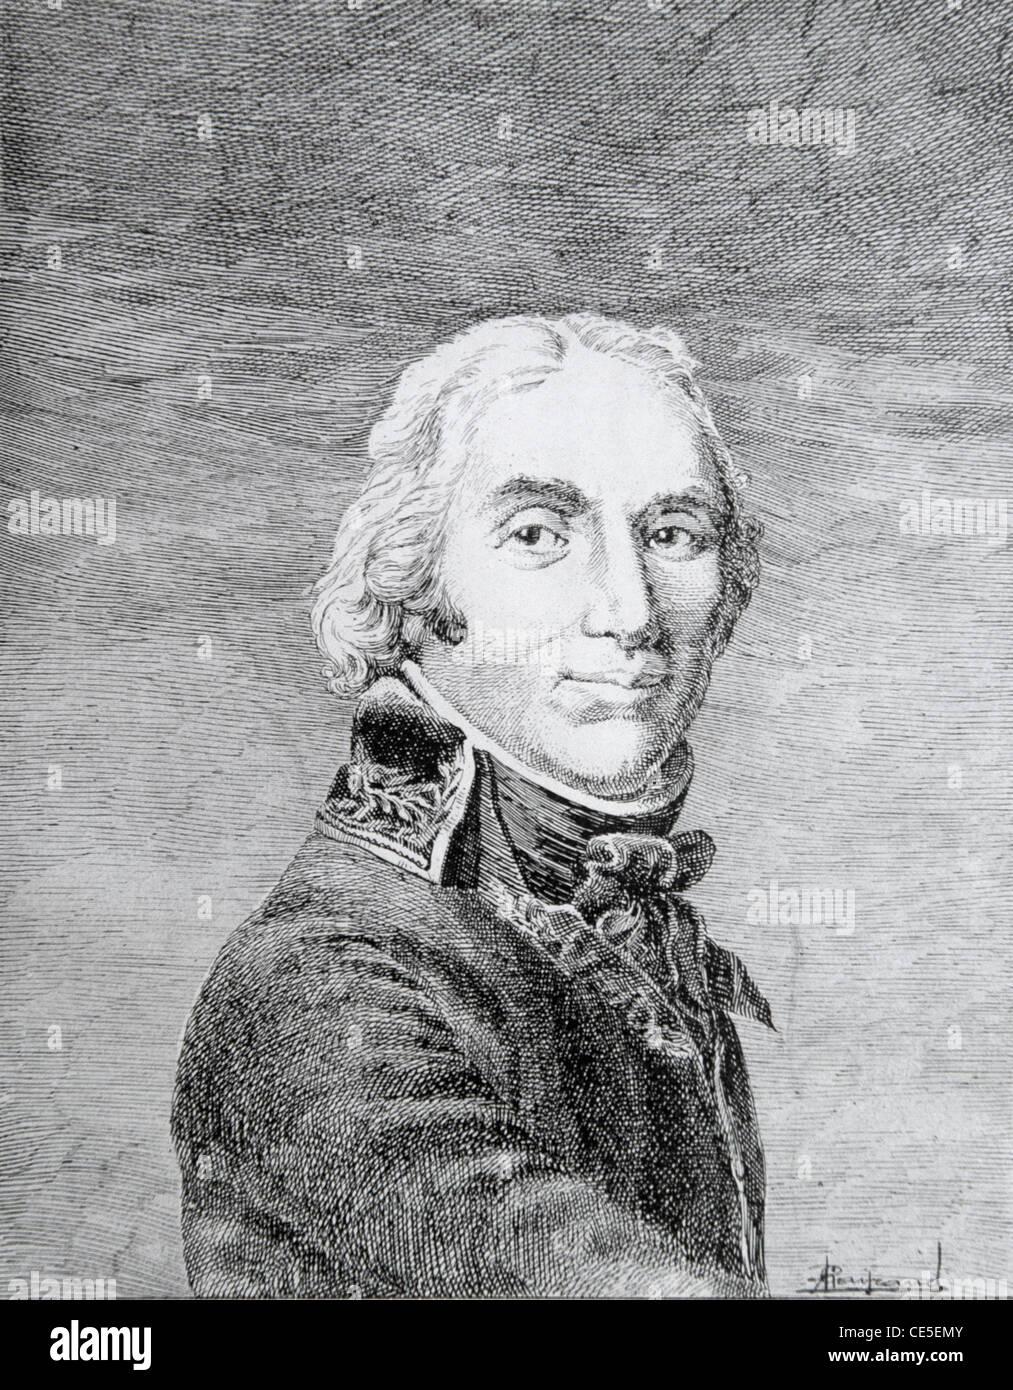 Portrait d'Andre Massena, général français ou maréchal (1758-1817) pendant les guerres révolutionnaires et napoléoniennes. Illustration ancienne ou gravure Banque D'Images